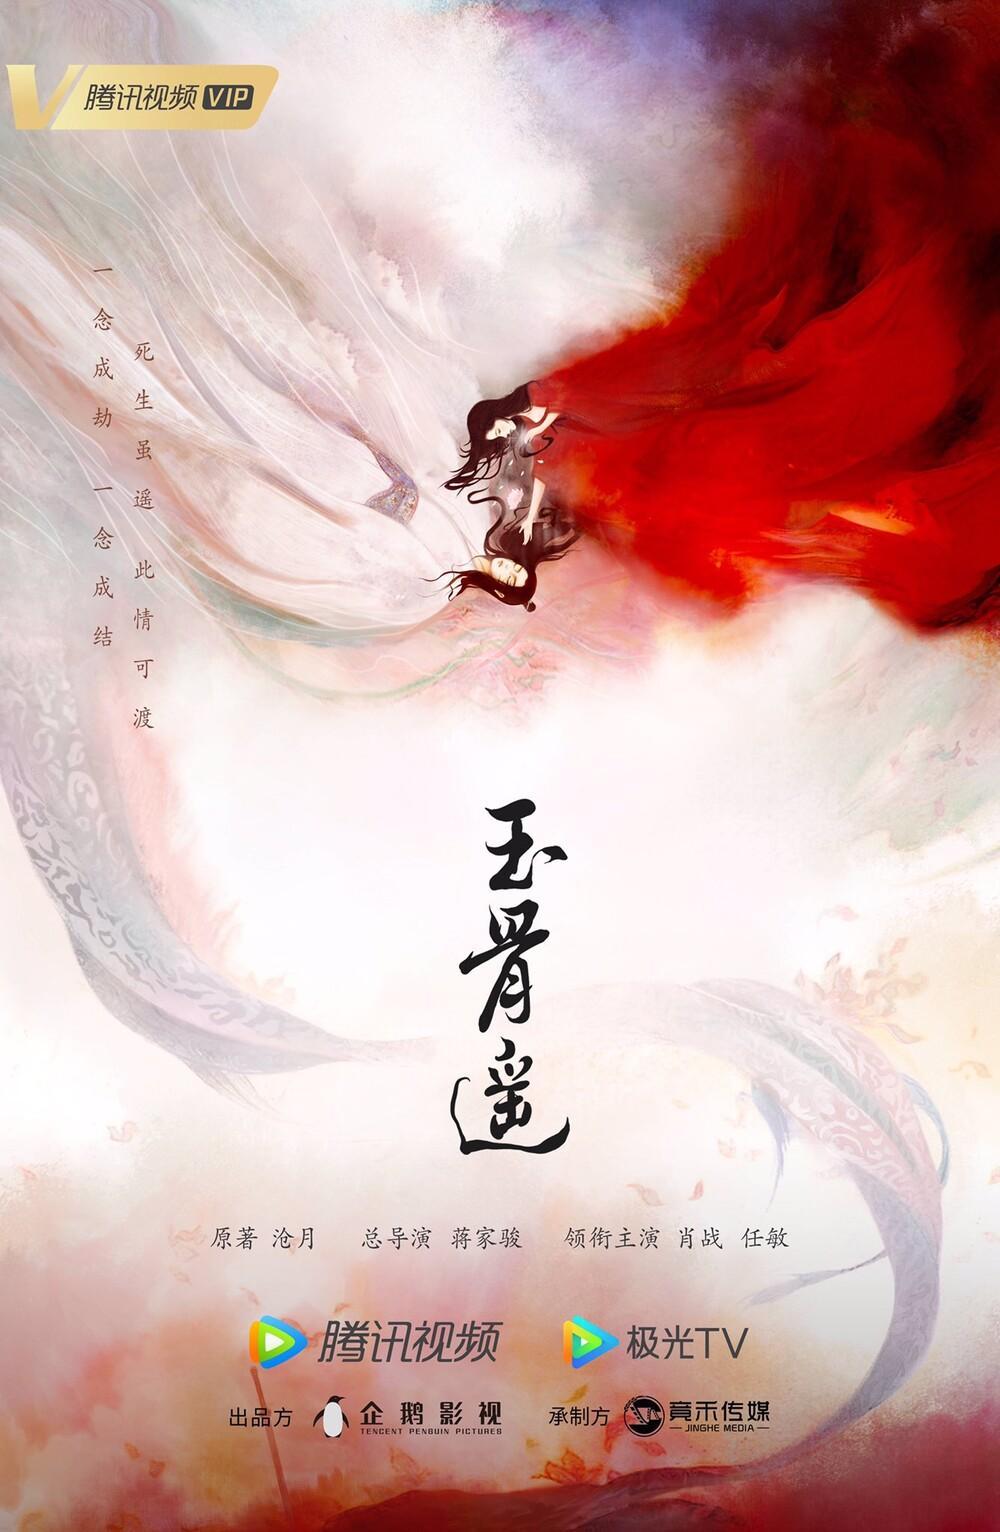 'Cơm lành canh ngọt' với Dương Tử nhưng thái độ của Tiêu Chiến khác hẳn khi đối diện với Nhậm Mẫn? Ảnh 3